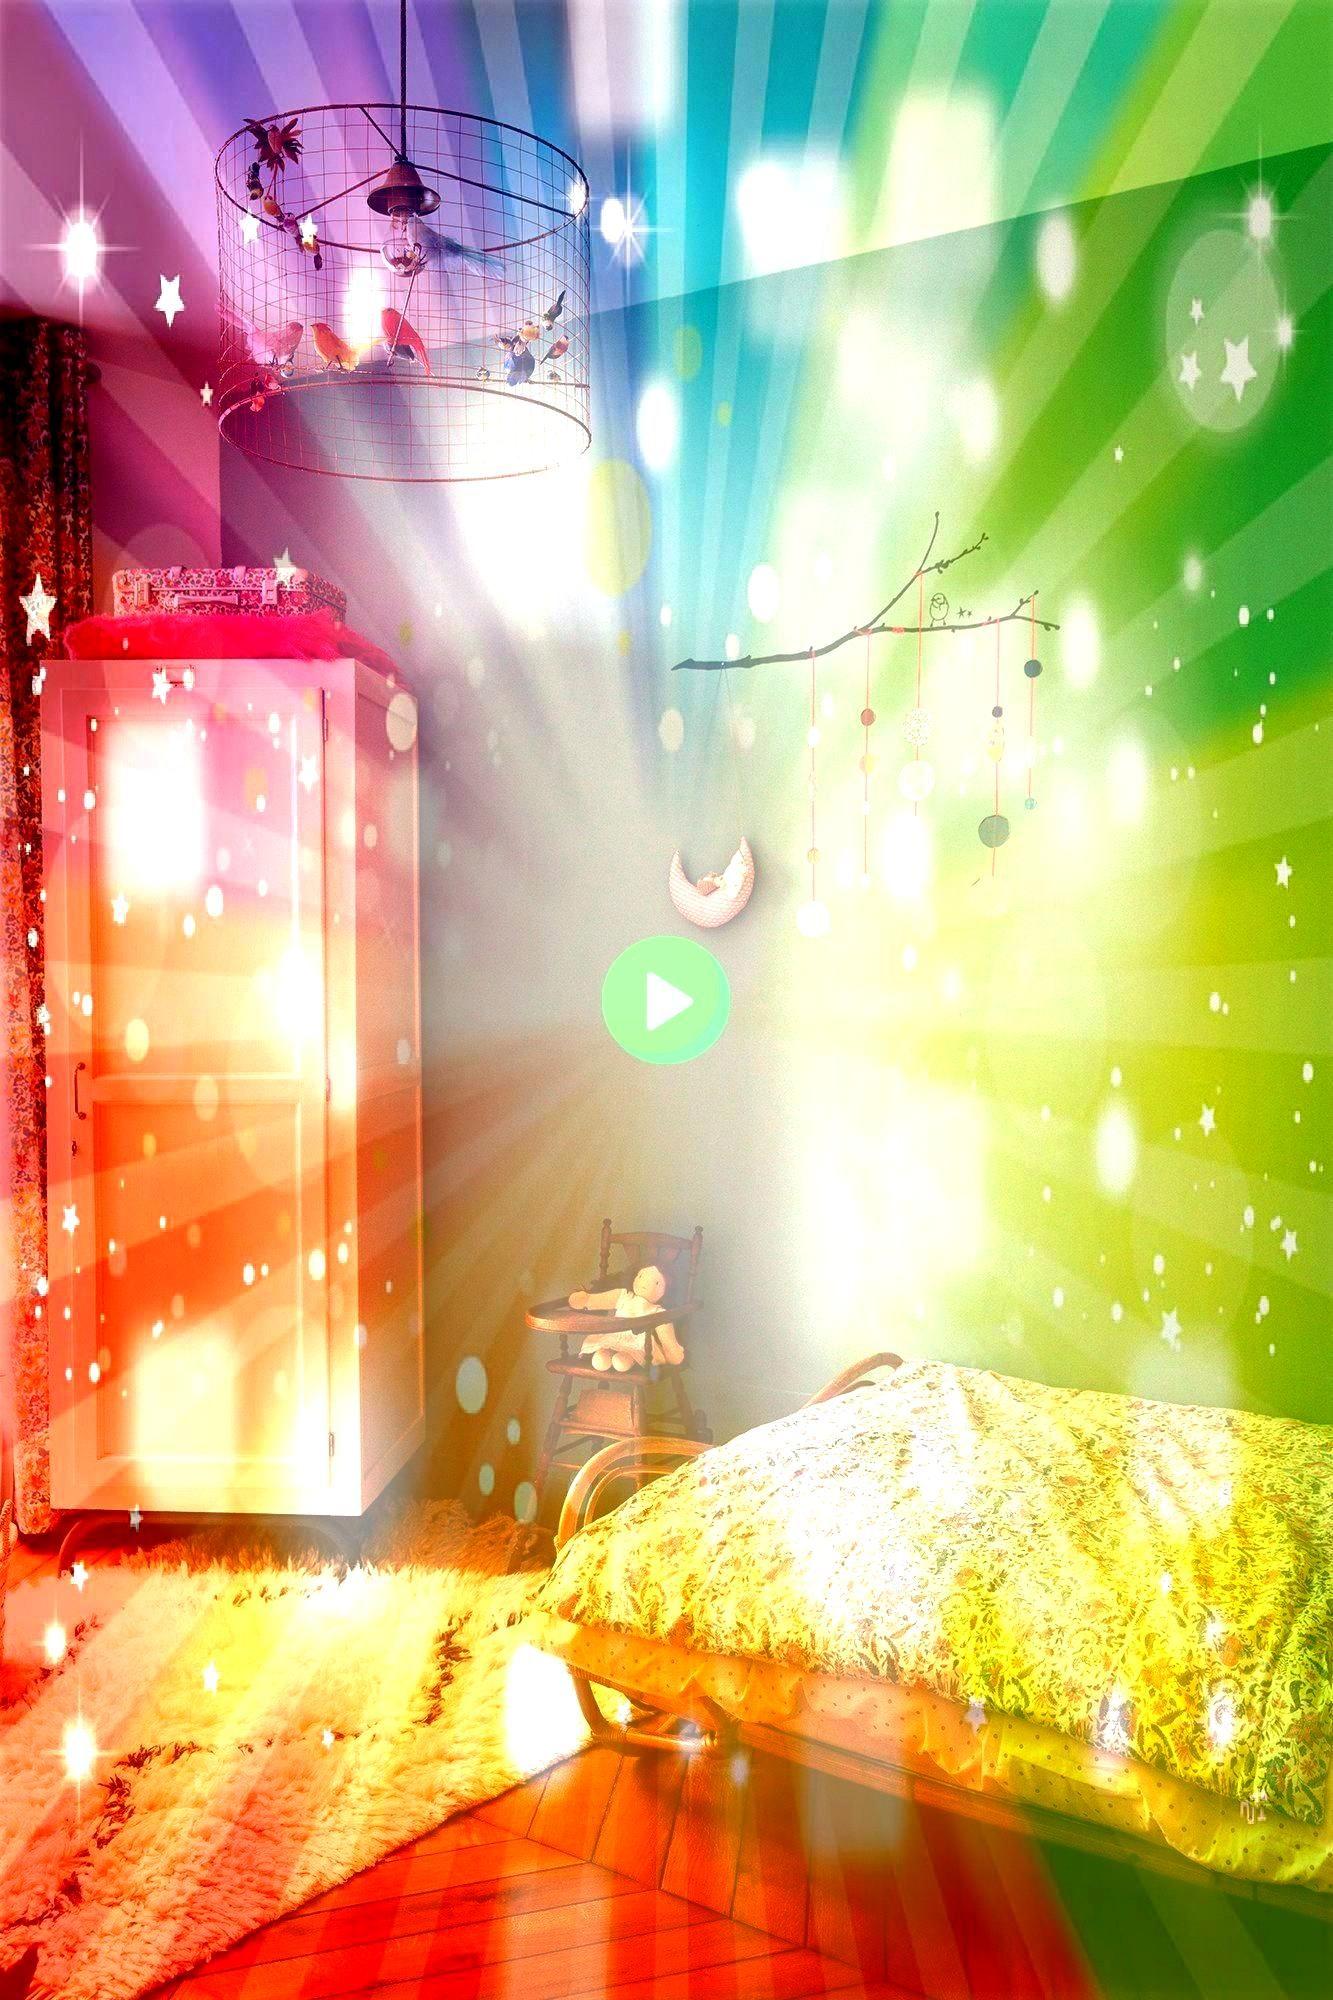 Family  Dans la chambre dune des filles de Nayla Voillemot et RomainThe Socialite Family  Dans la chambre dune des filles de Nayla Voillemot et Romain Une chambre de fill...